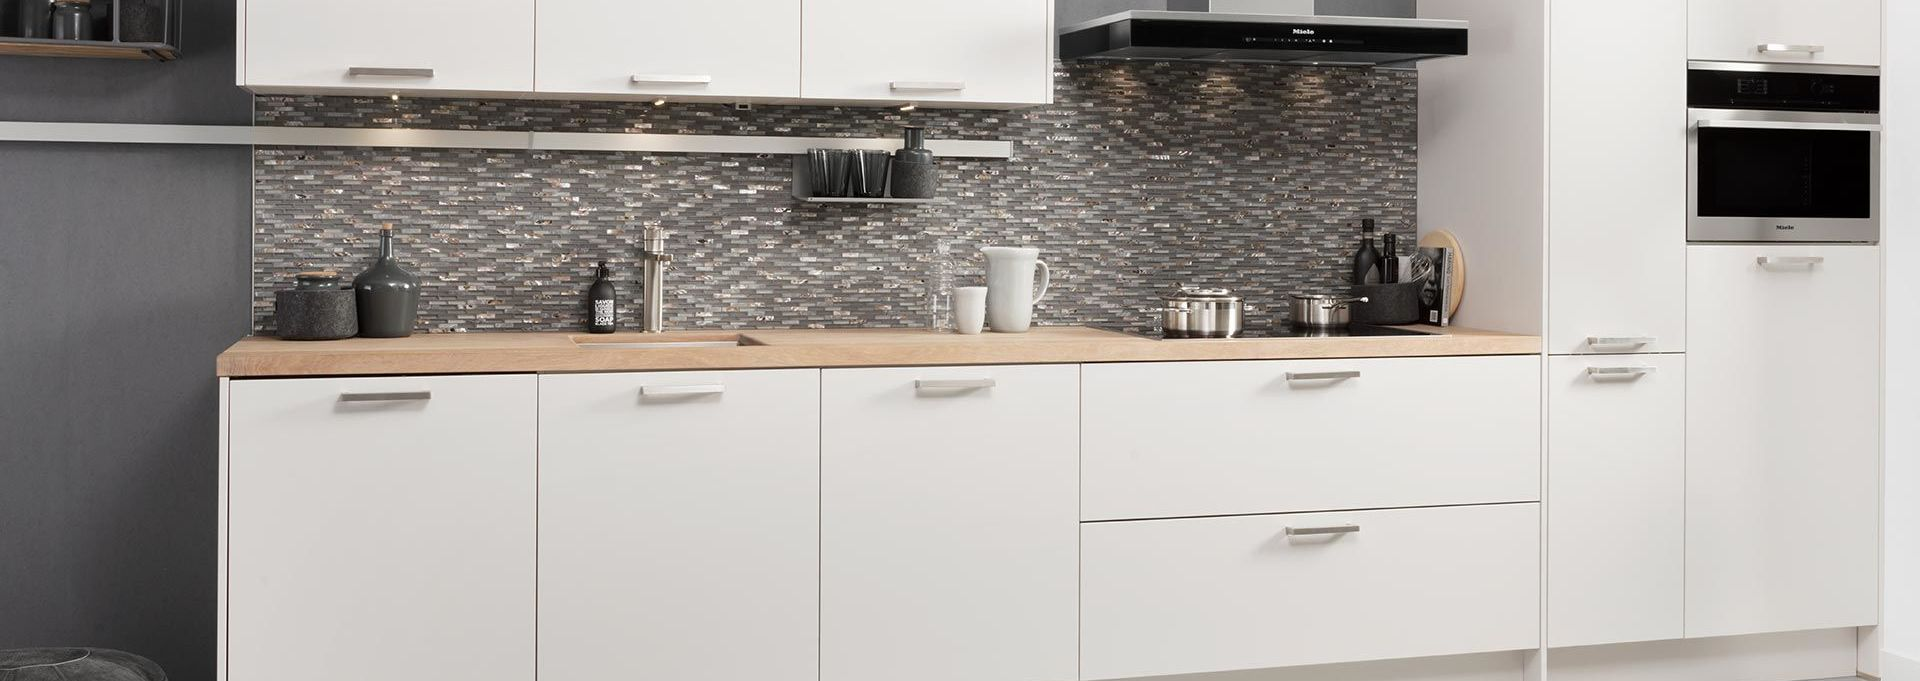 Wit keukenblok